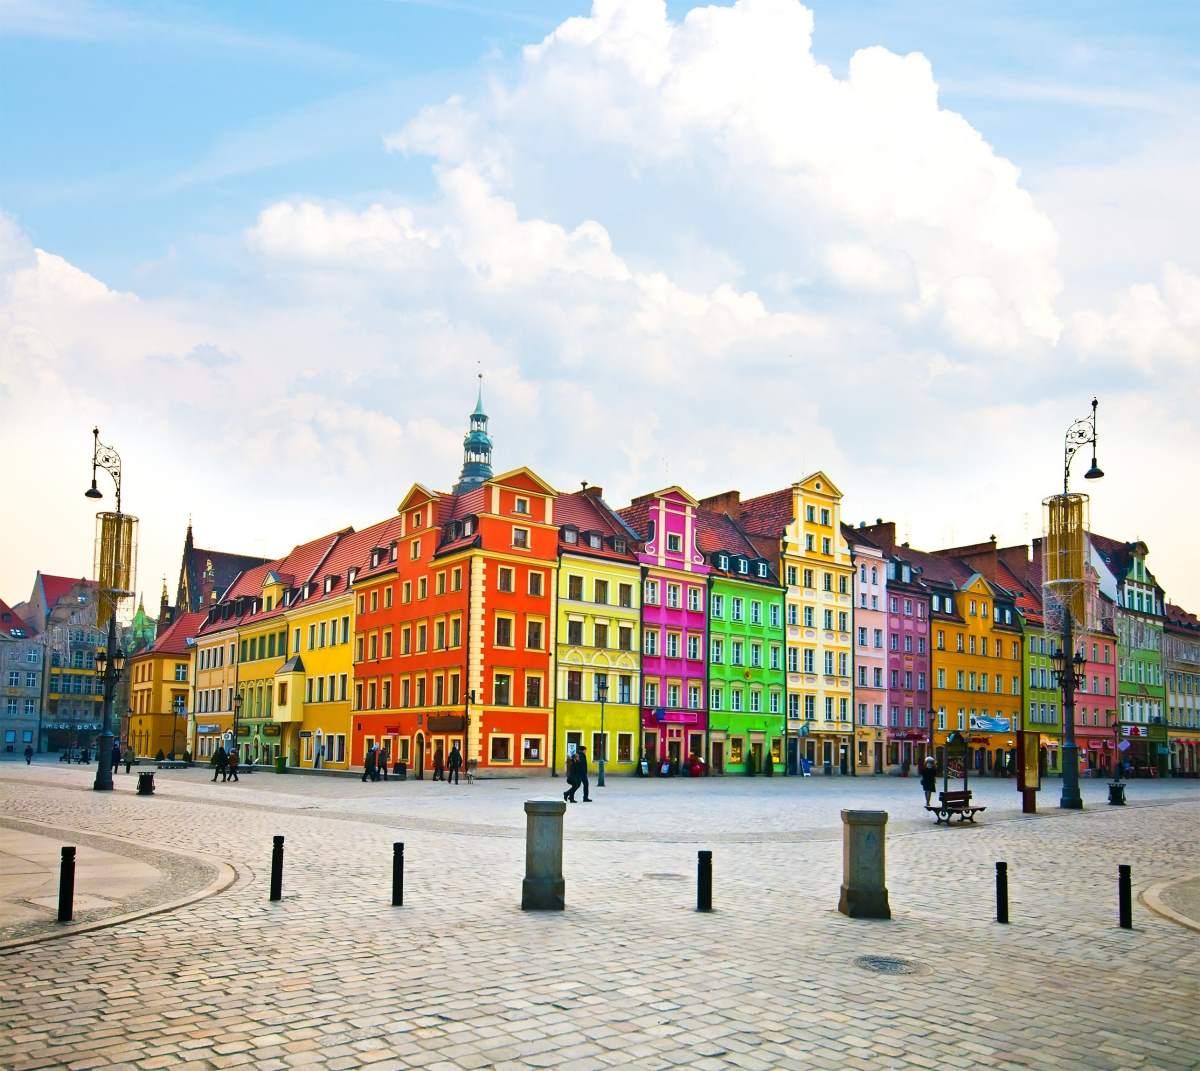 Βρότσλαβ Πολωνία, πολύχρωμα κτήρια